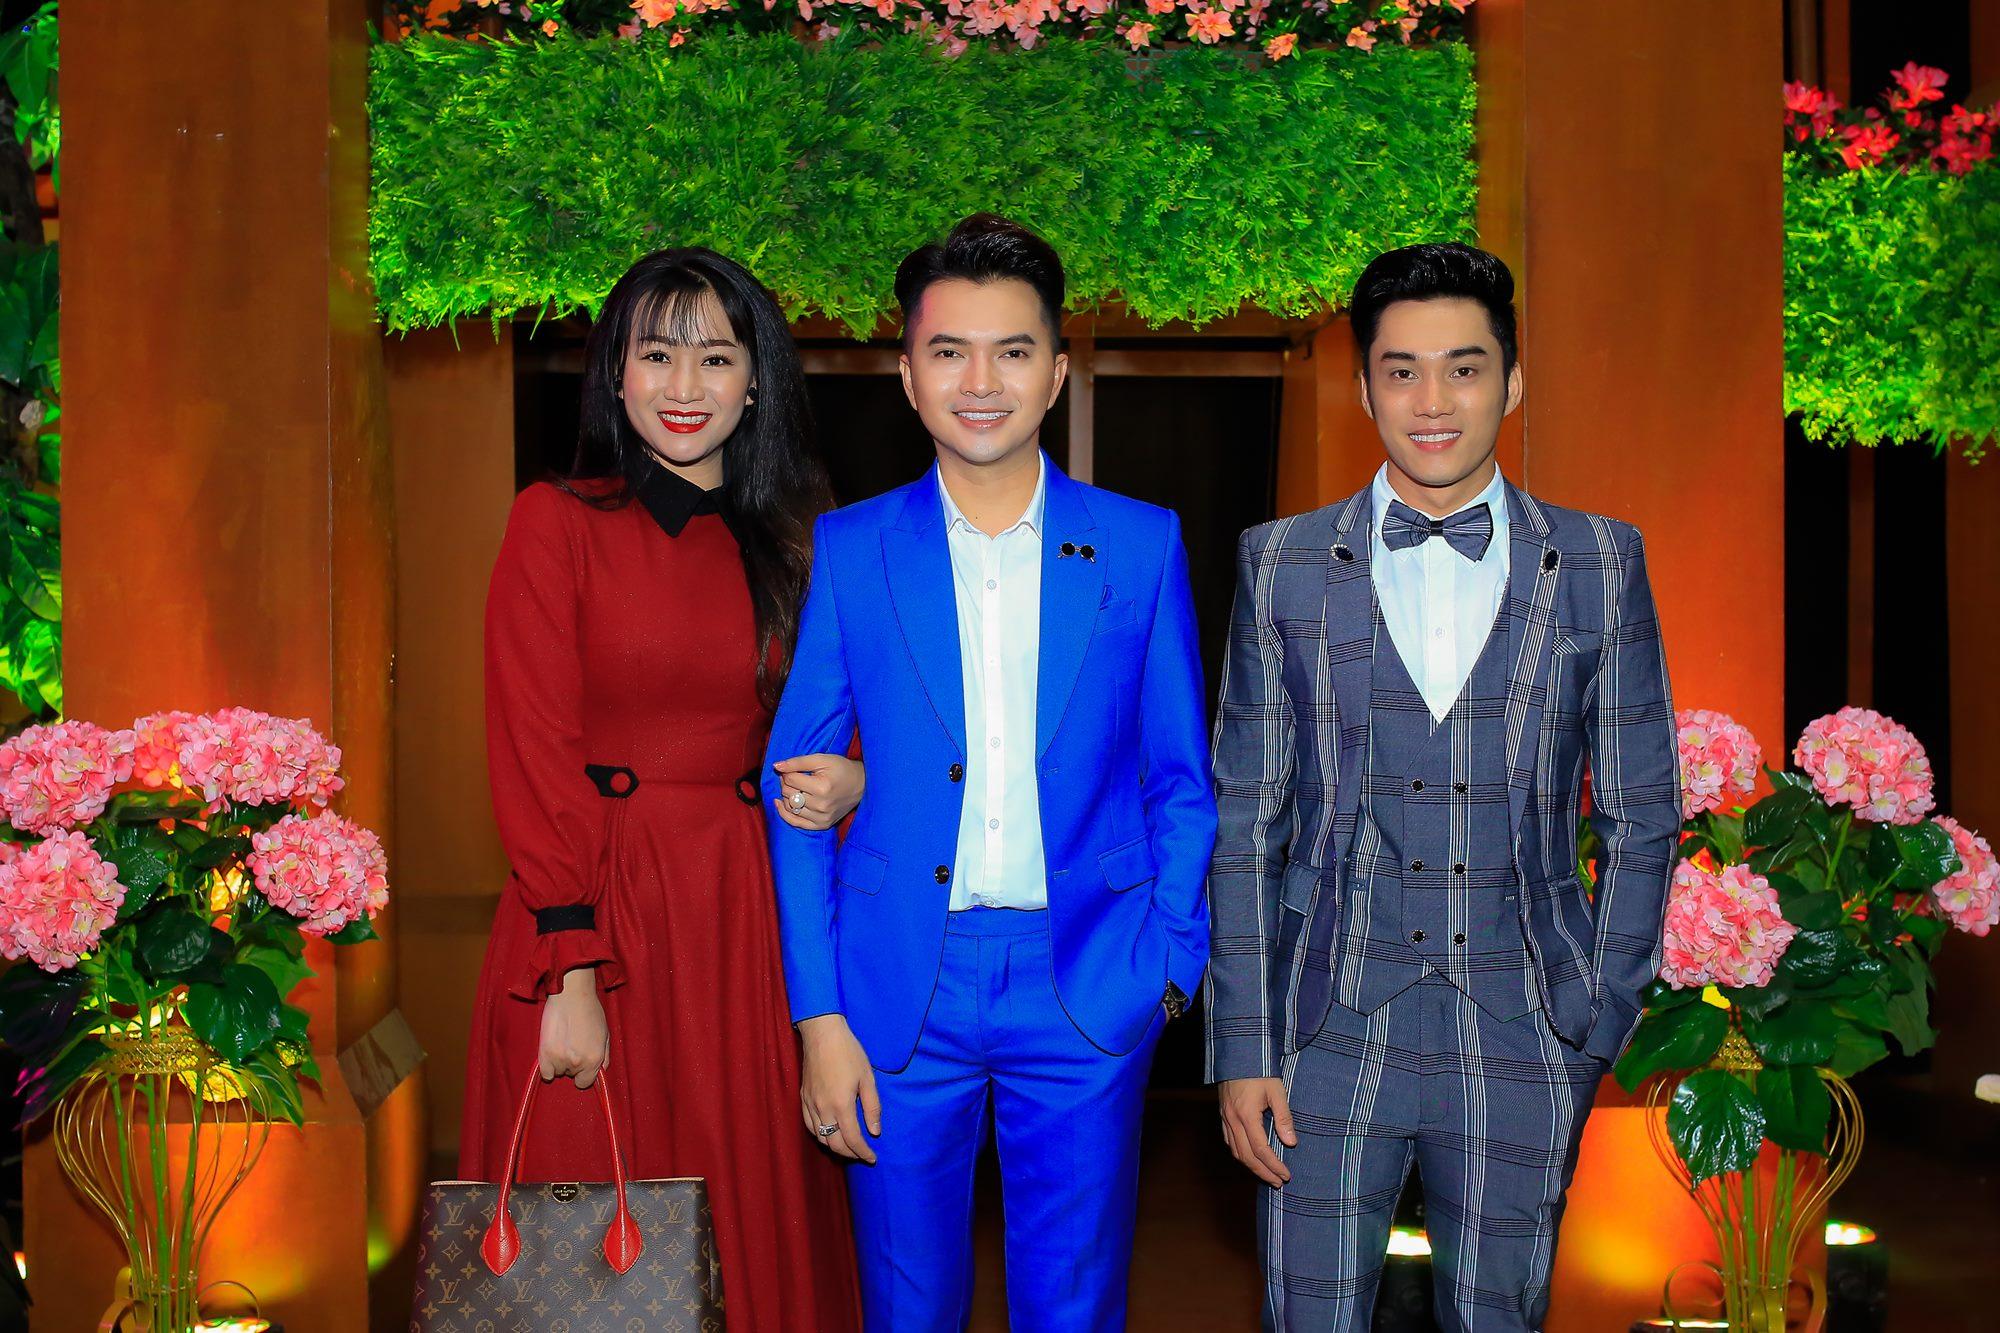 Ca si Nam Cuong, thi sinh Phuong Trang, Ngoc Son (3)